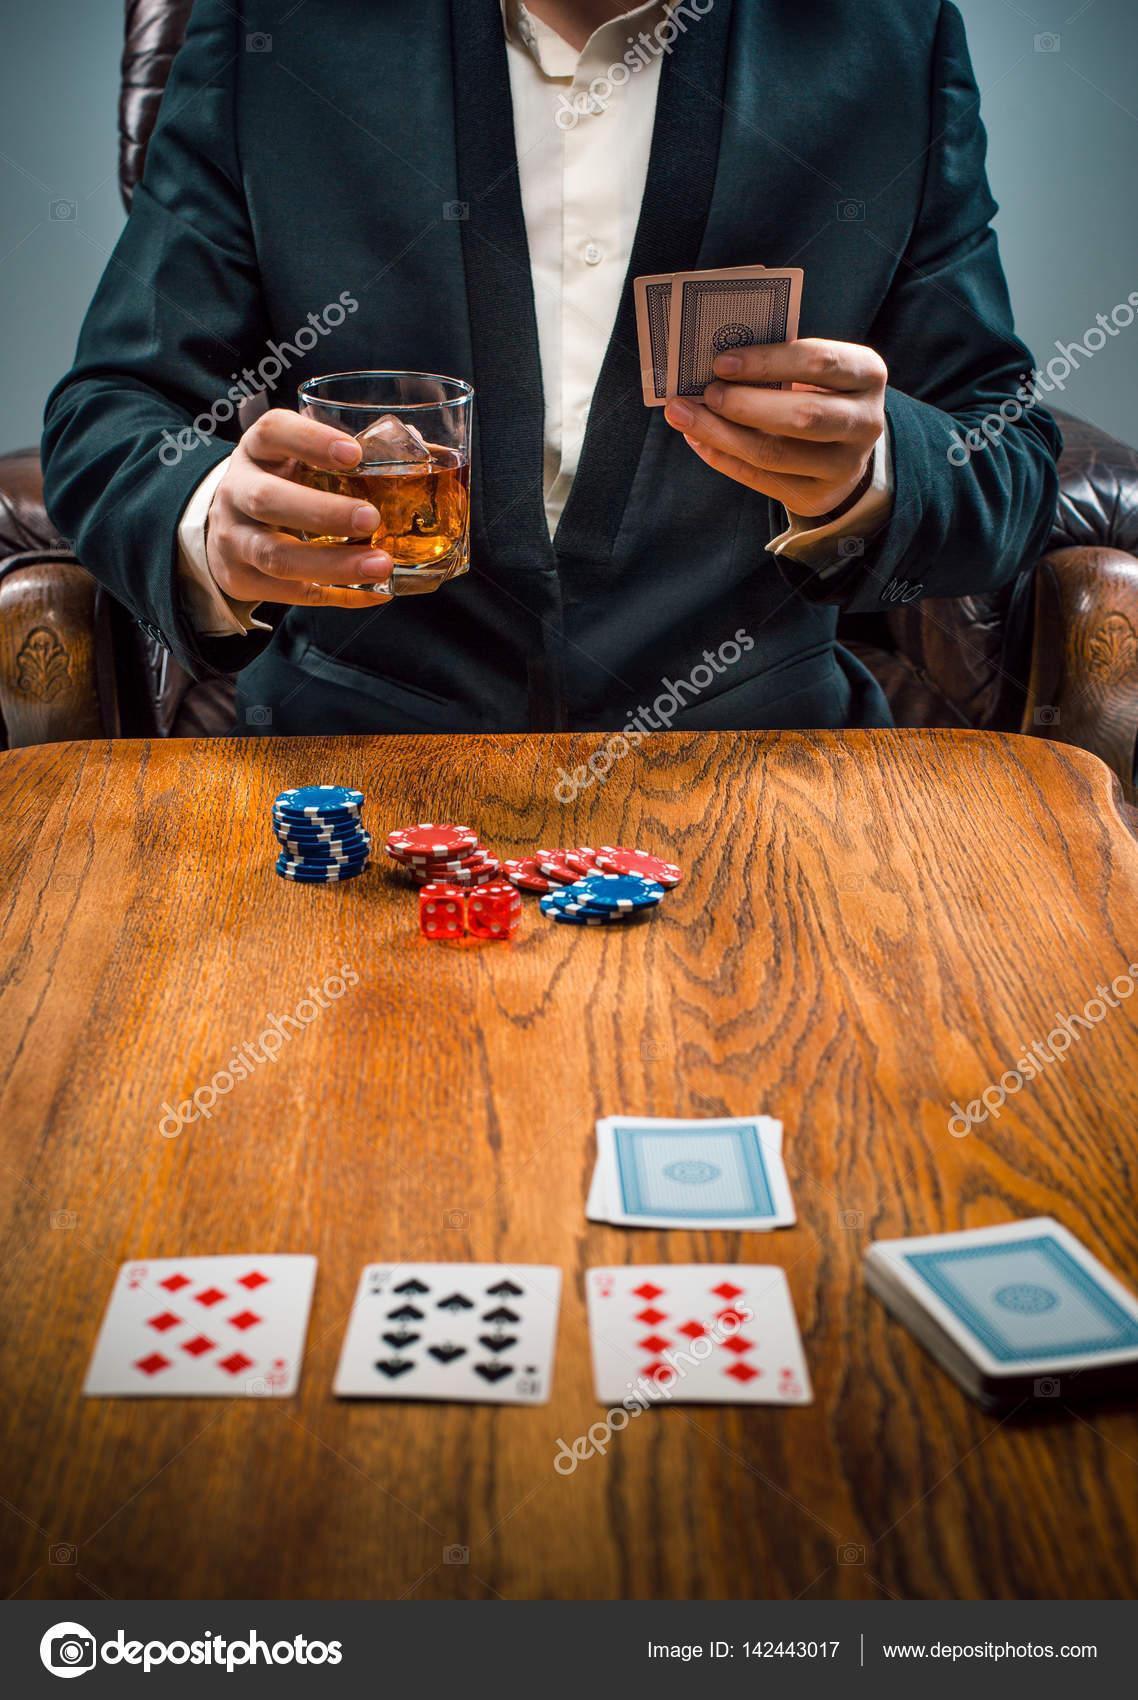 Las Fichas Para Juegos Beber Y Jugar A Las Cartas Fotos De Stock